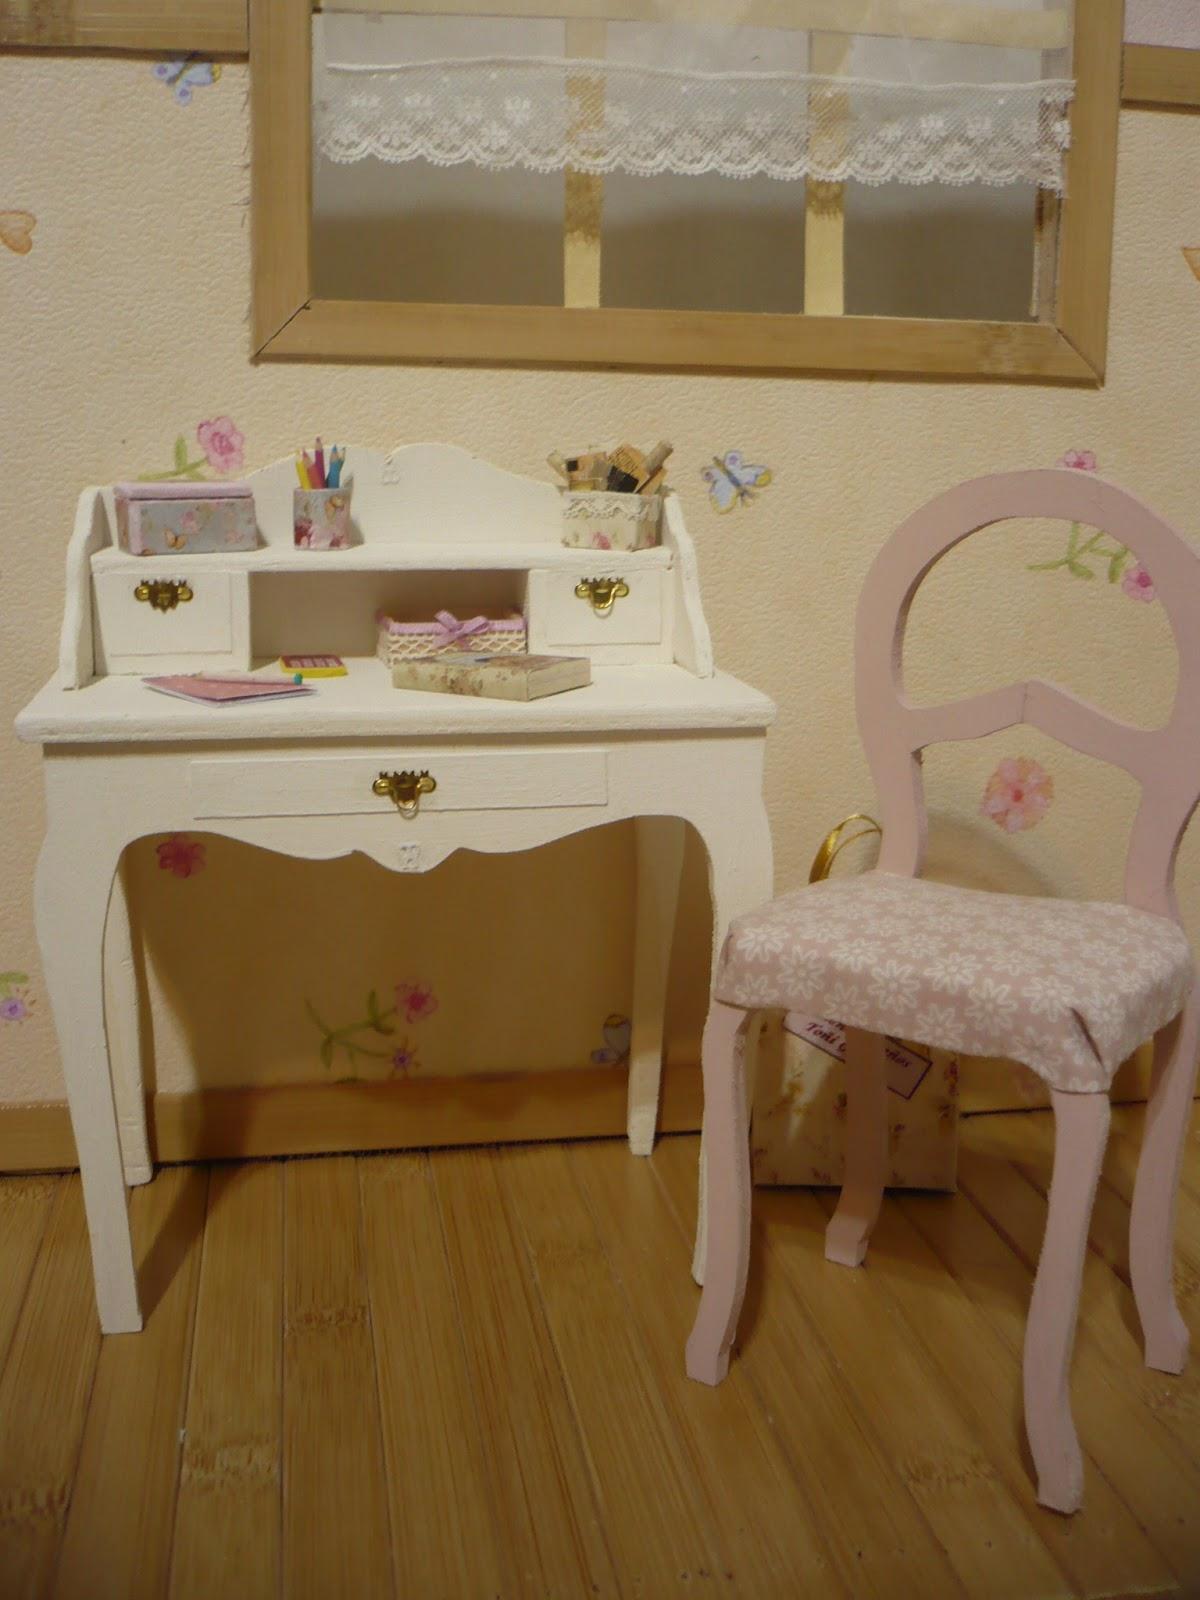 Muebles y complementos en escala 1 6 un escritorio y un tocador escala 1 6 - Muebles y complementos ...